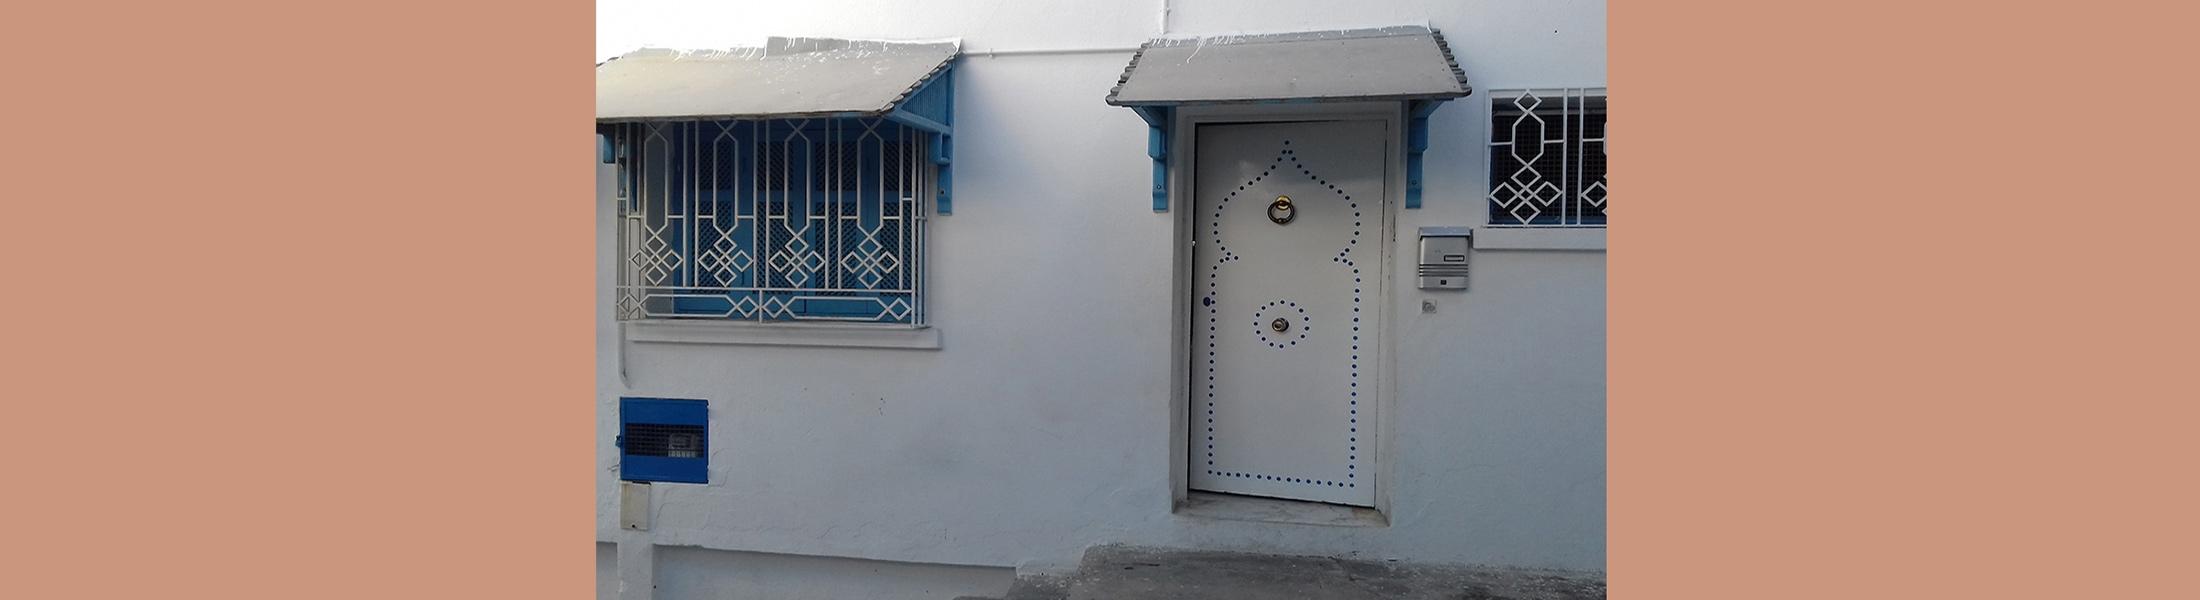 الشقة فهد - باب سعدون (طلب العروض عدد 01 لسنة 2021)